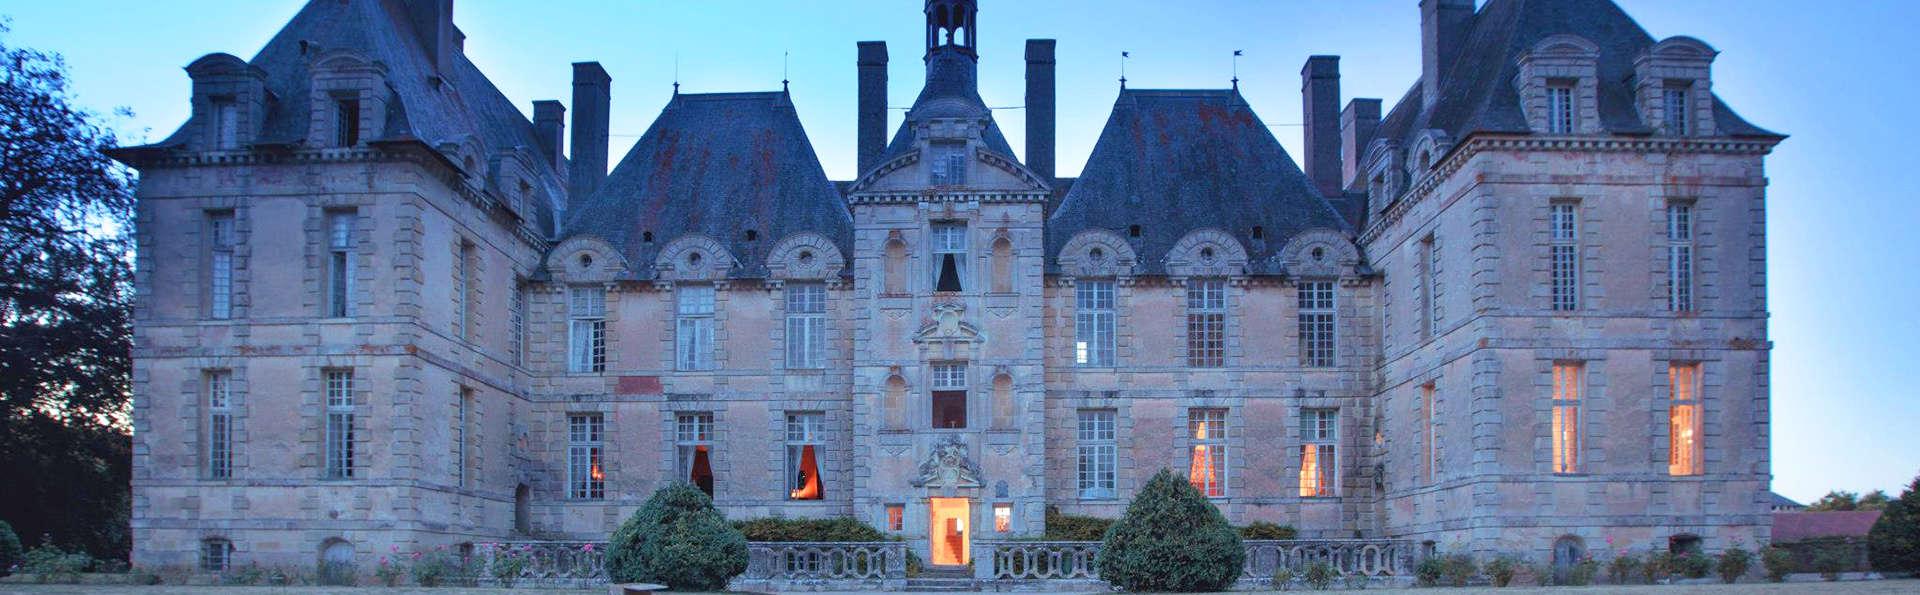 Vie de château près de Poitiers